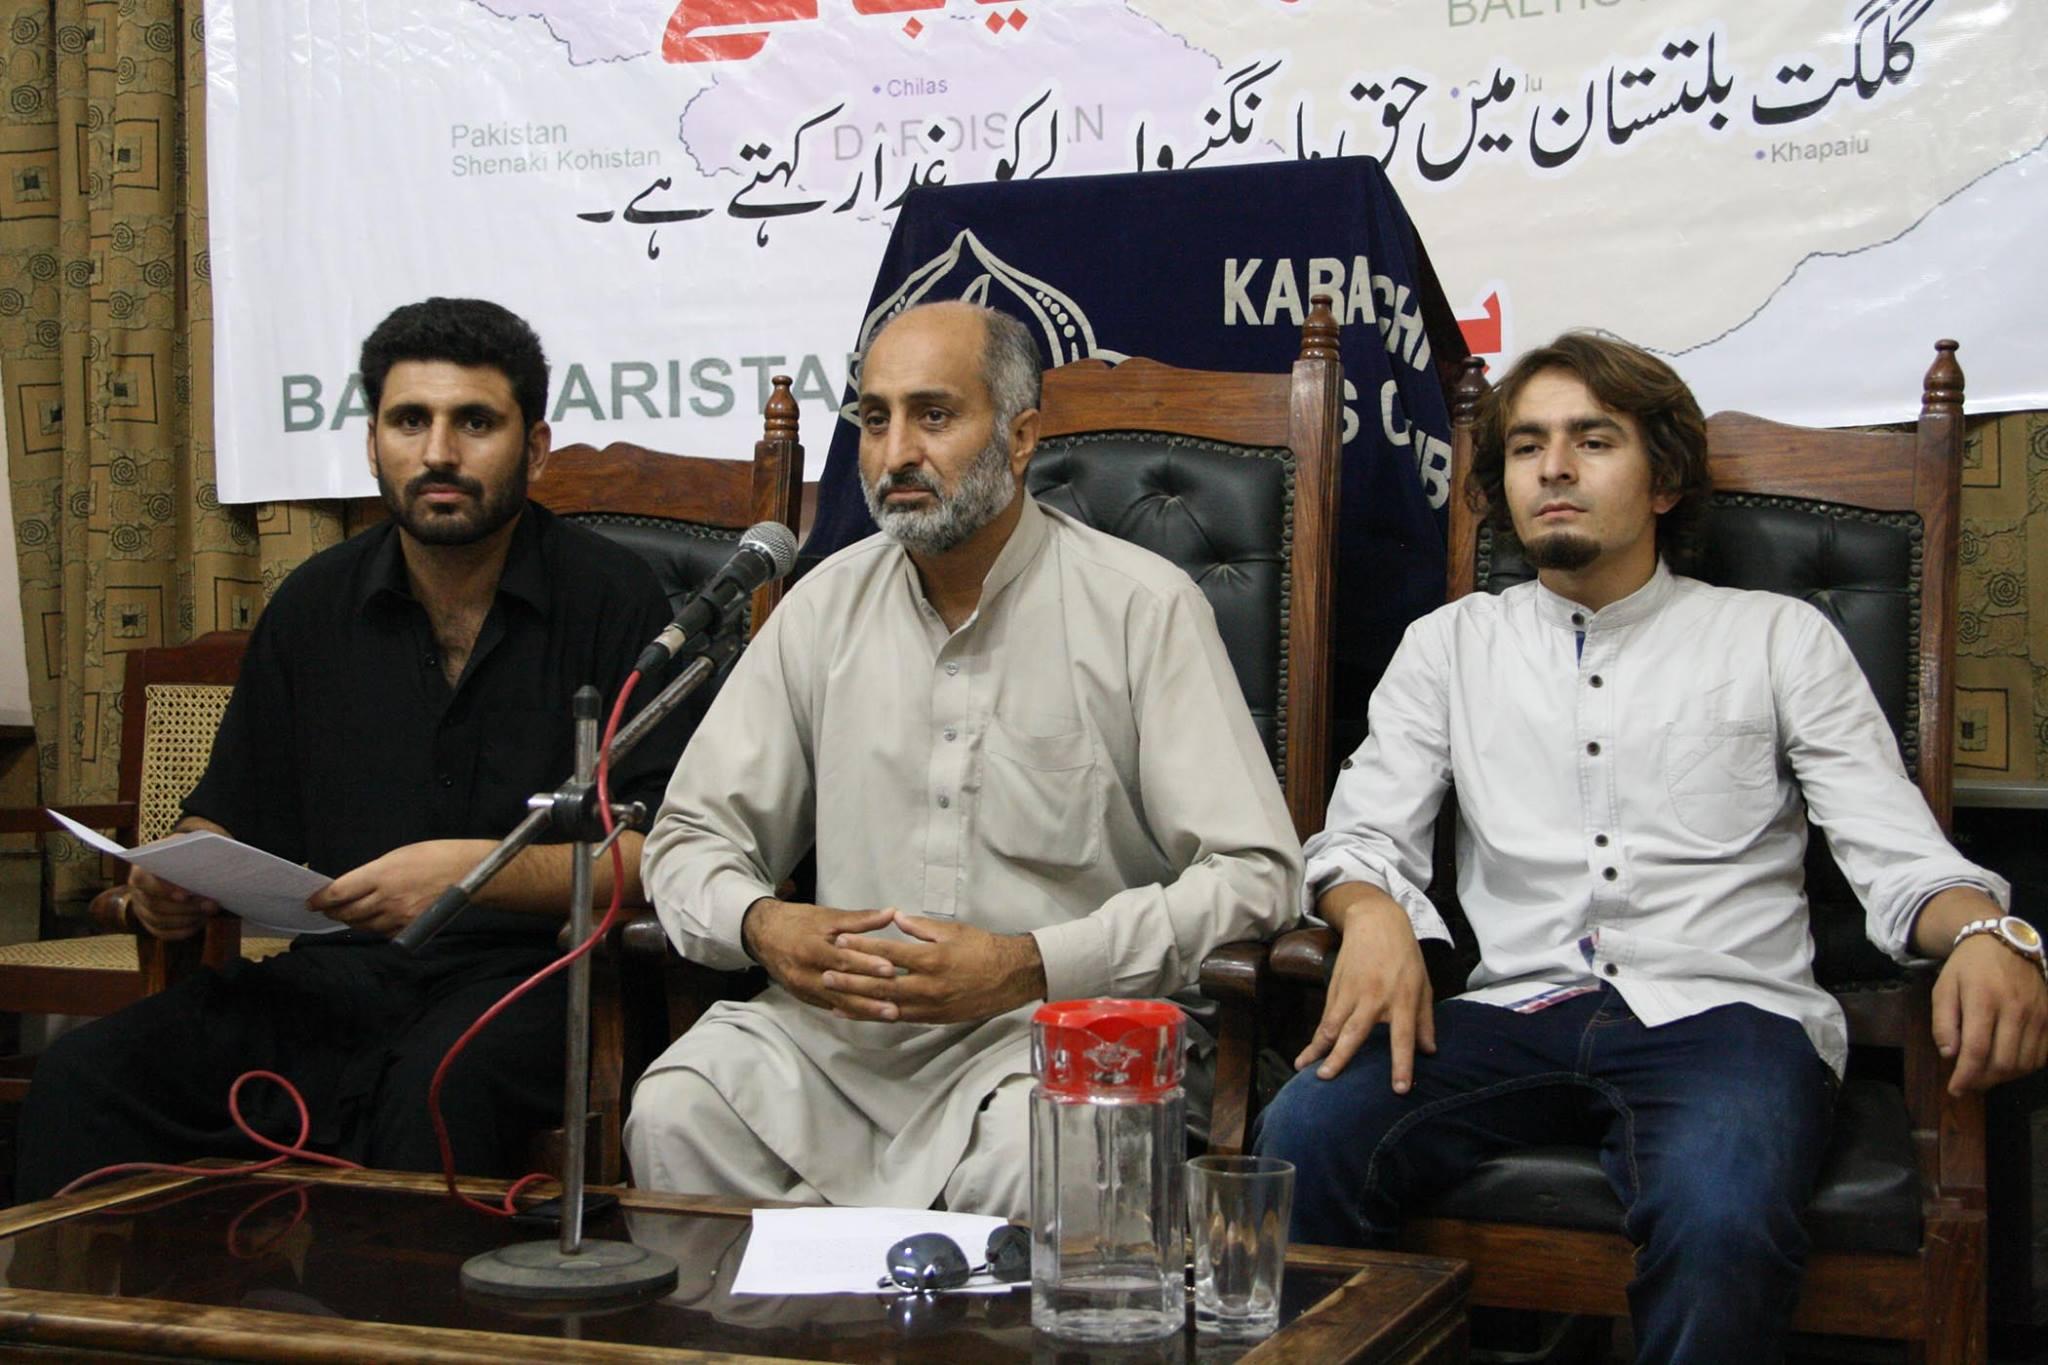 کراچی، بی این ایف کے کارکنان کا پریس کانفرنس سے خطاب, اسیر رہنماوں کی رہائی کا مطالبہ